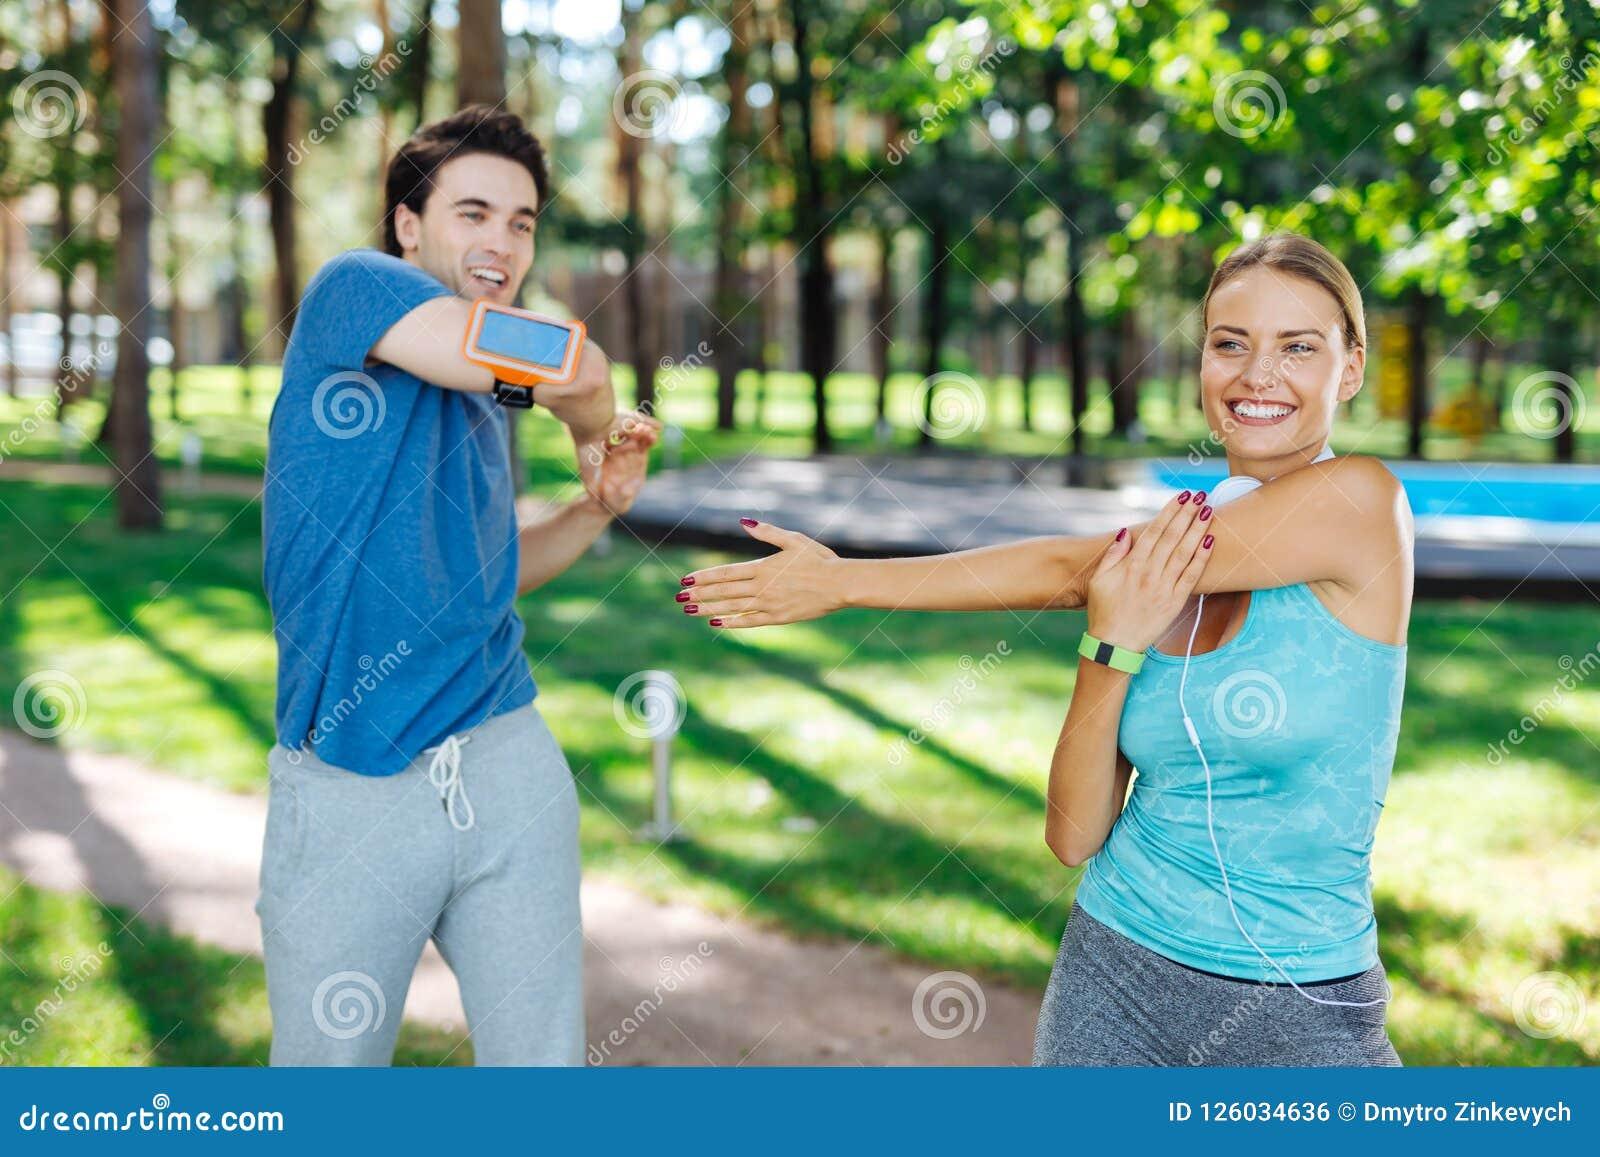 Zadowoleni radośni ludzie cieszy się robić sport aktywność